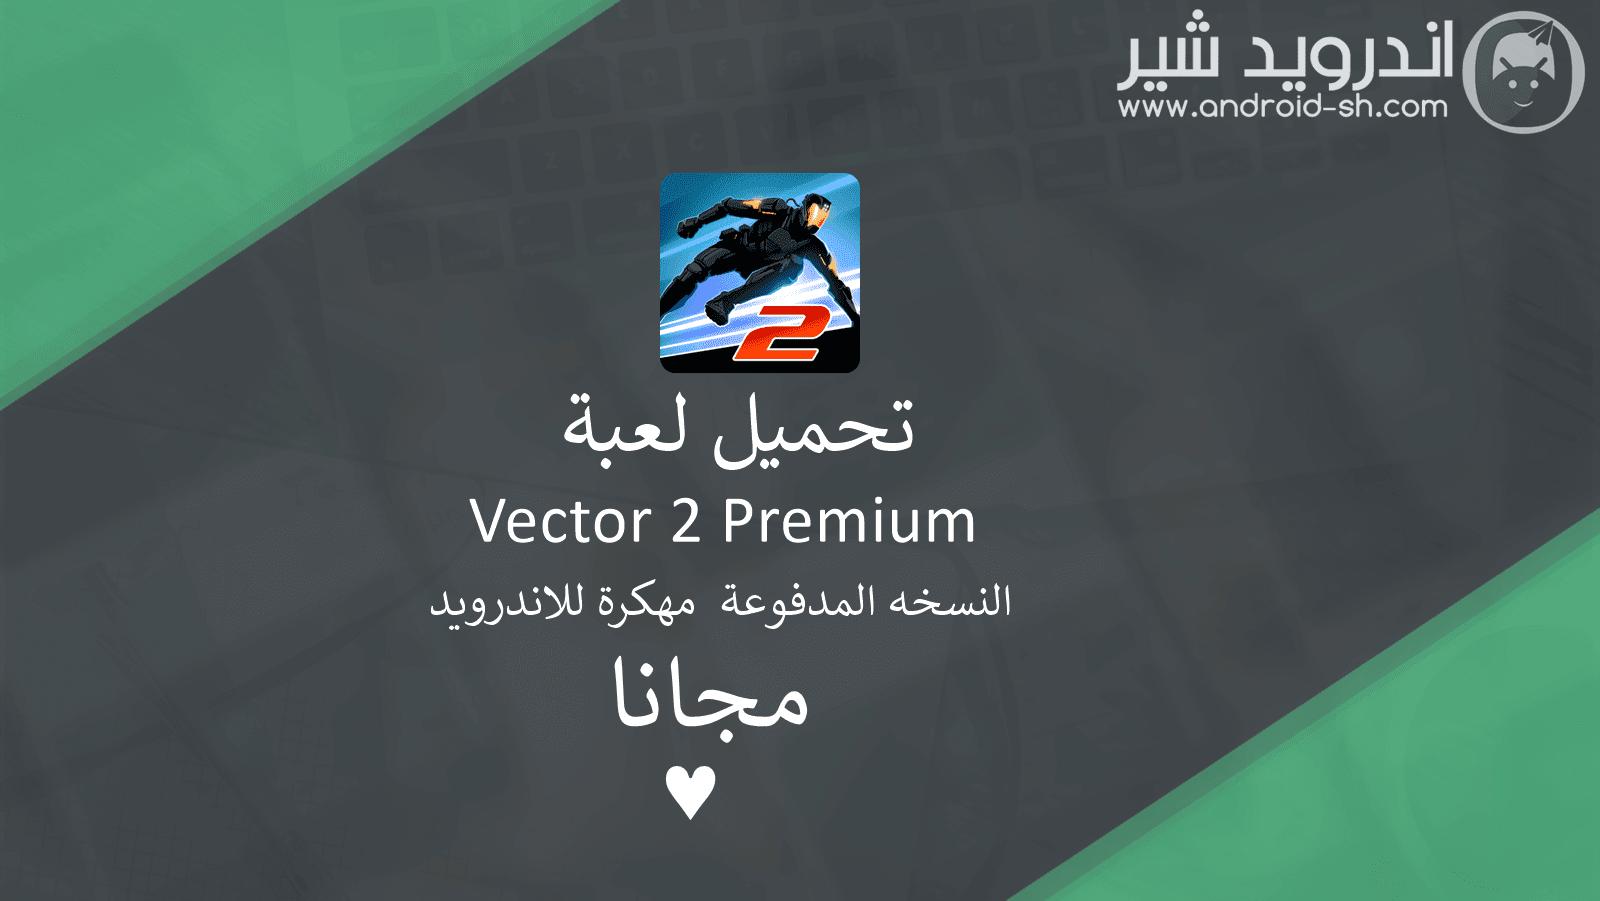 تحميل لعبة vector 2 للاندرويد